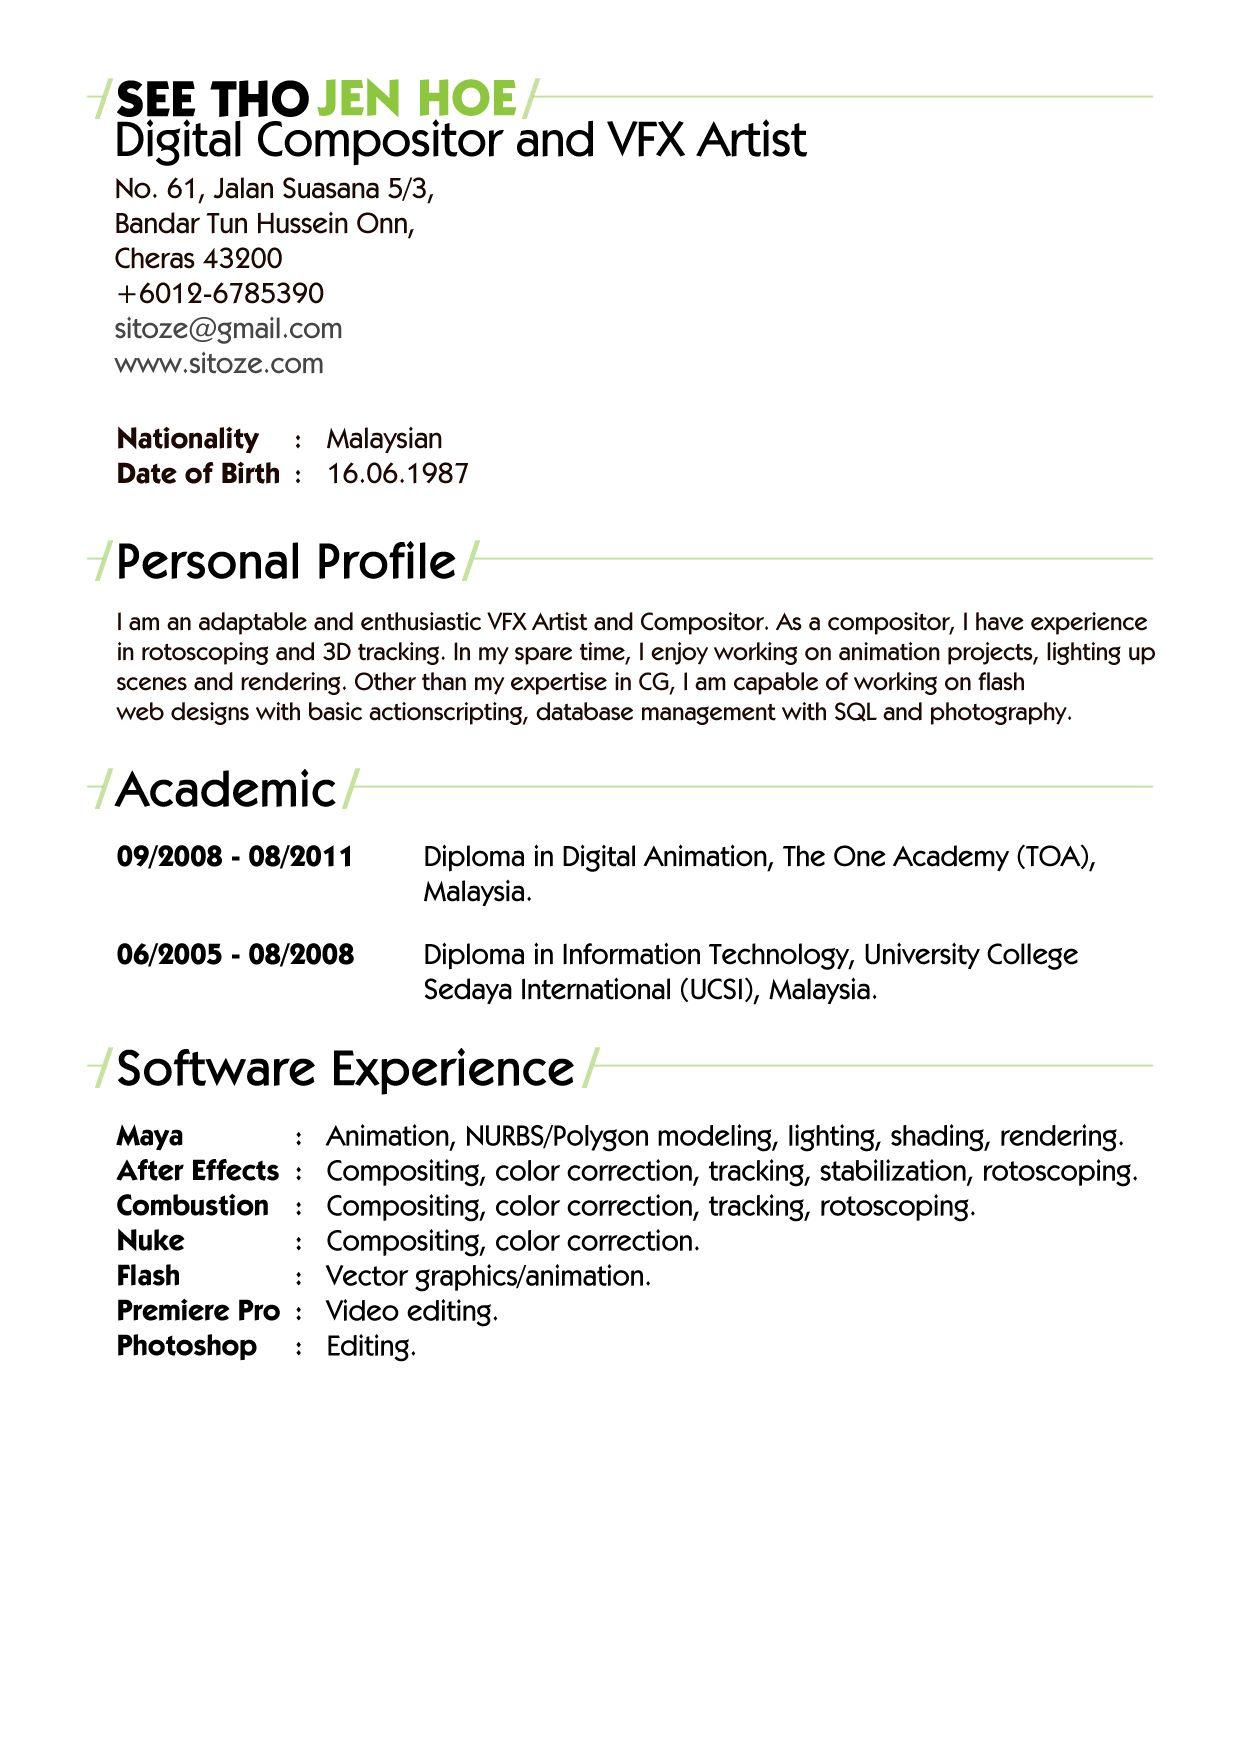 Resume Format Vfx Artist Artist Format Resume Resume Format